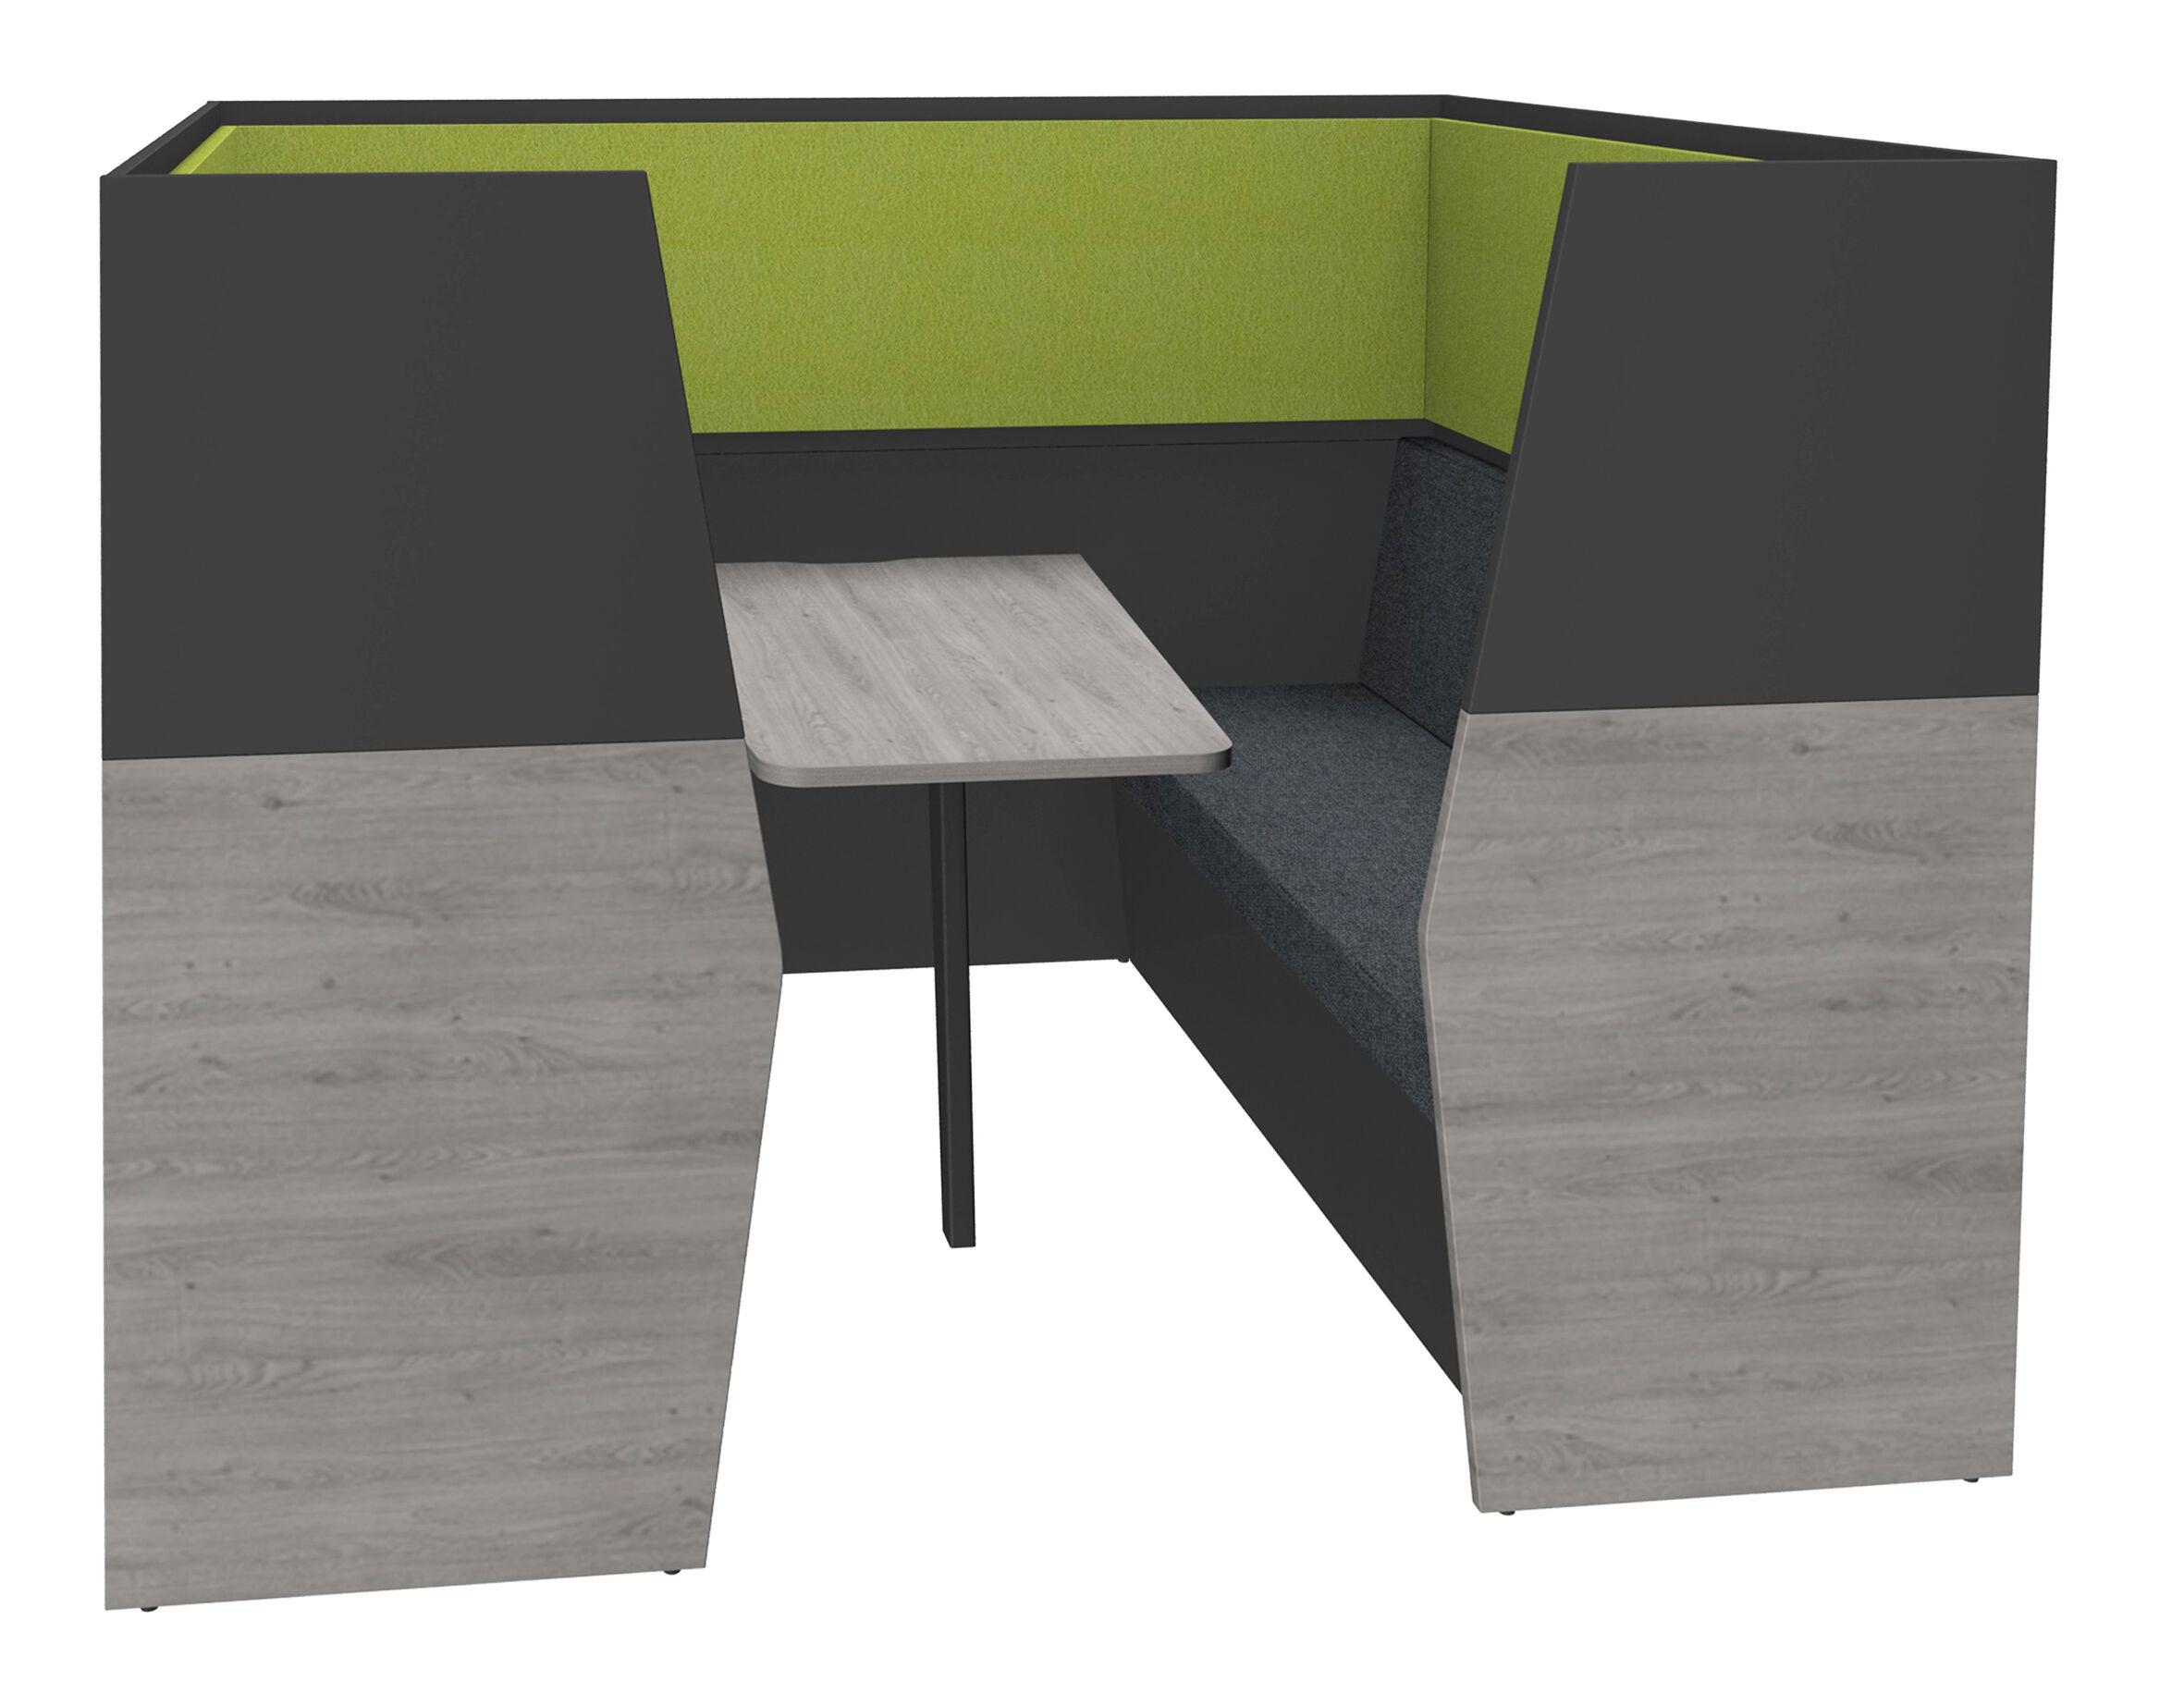 Box acoustique IN'TEAM - L210 x H 150 x P170 cm - 6 places avec table - structure chêne gris et carbone - panneaux vert chartreux